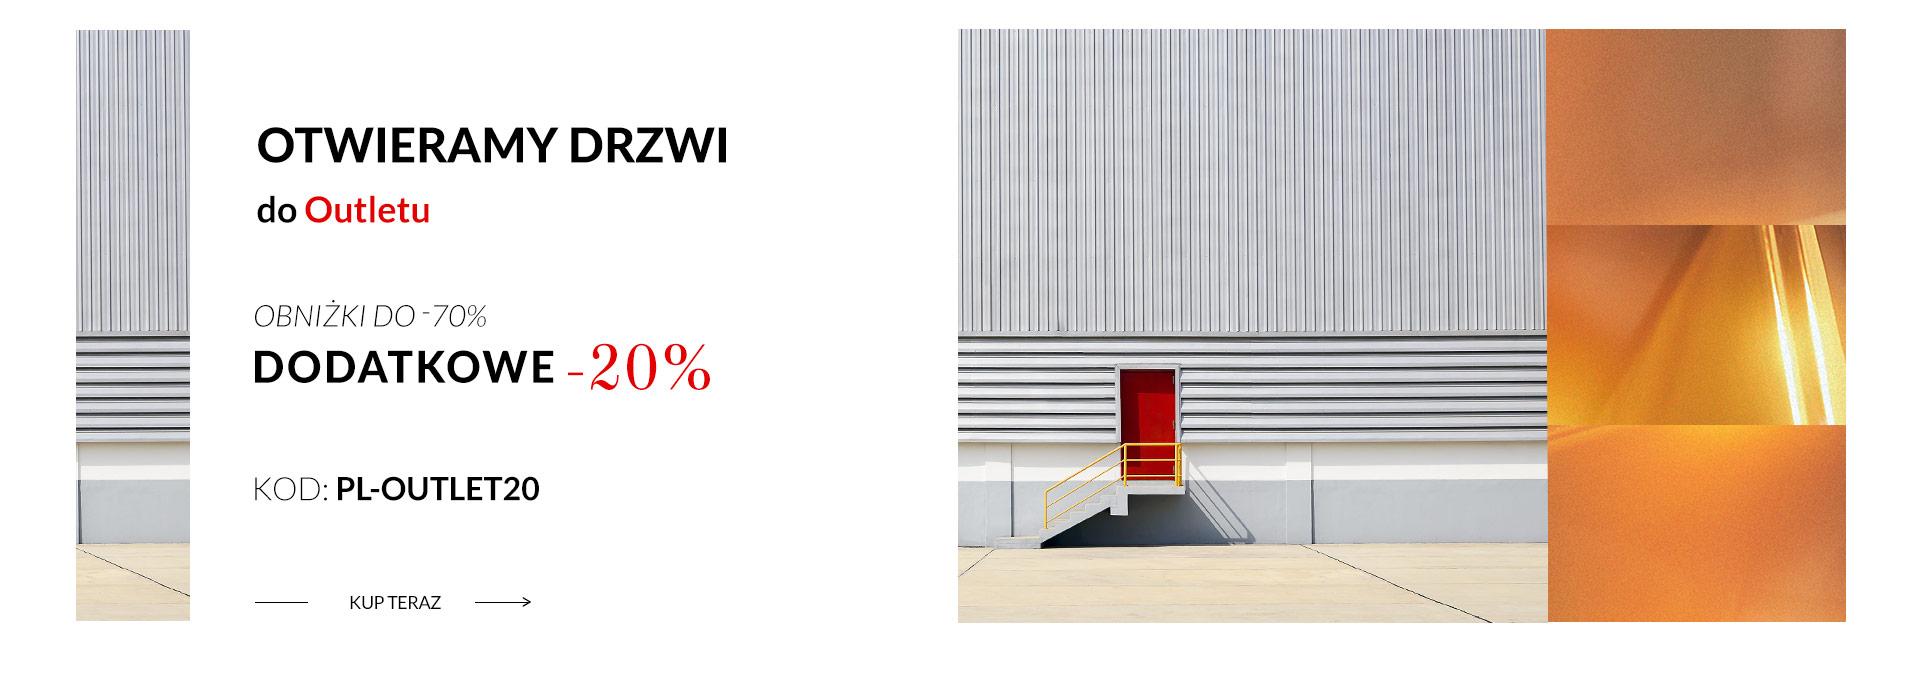 Pako Lorente: dodatkowe 20% zniżki na outlet odzieży męskiej do 70%